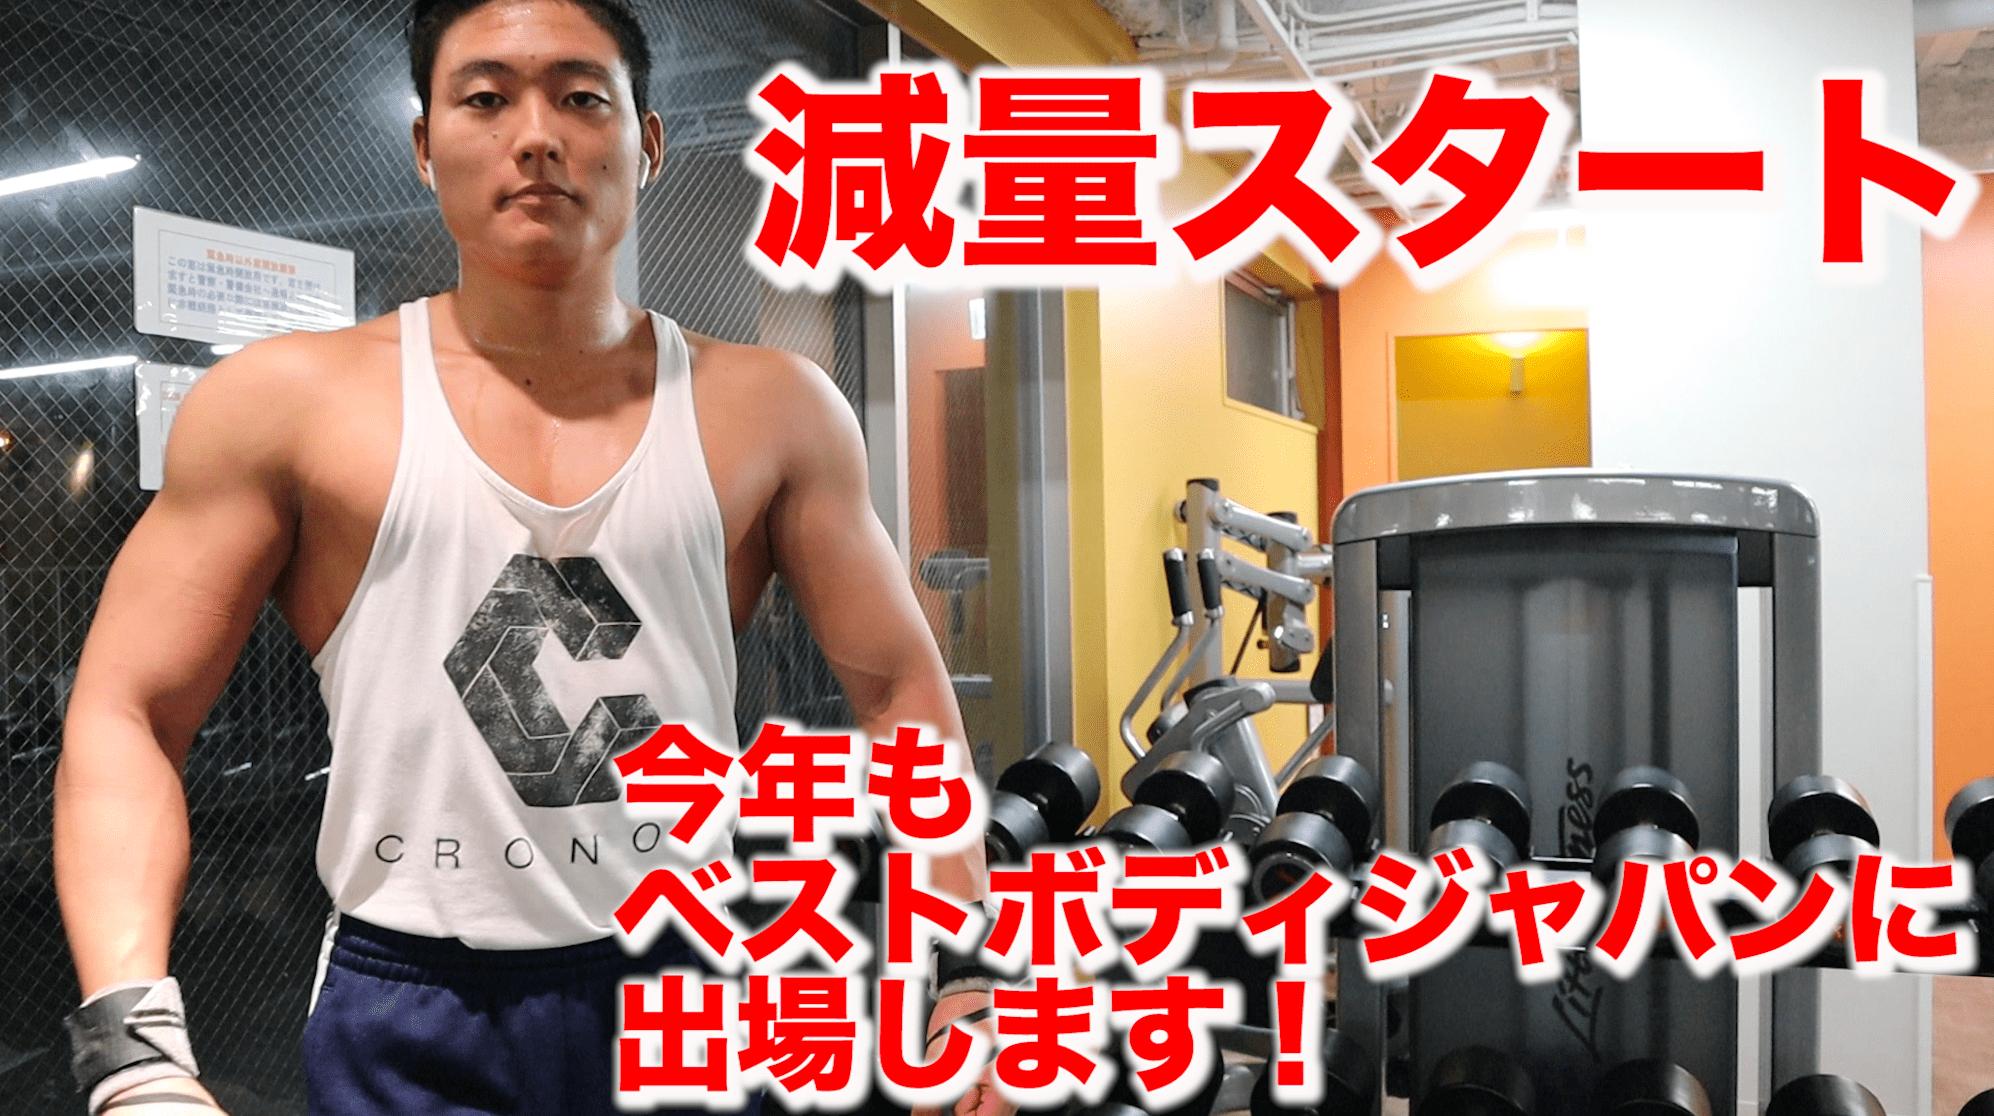 【減量6日目】今年もベストボディジャパンに出ます!